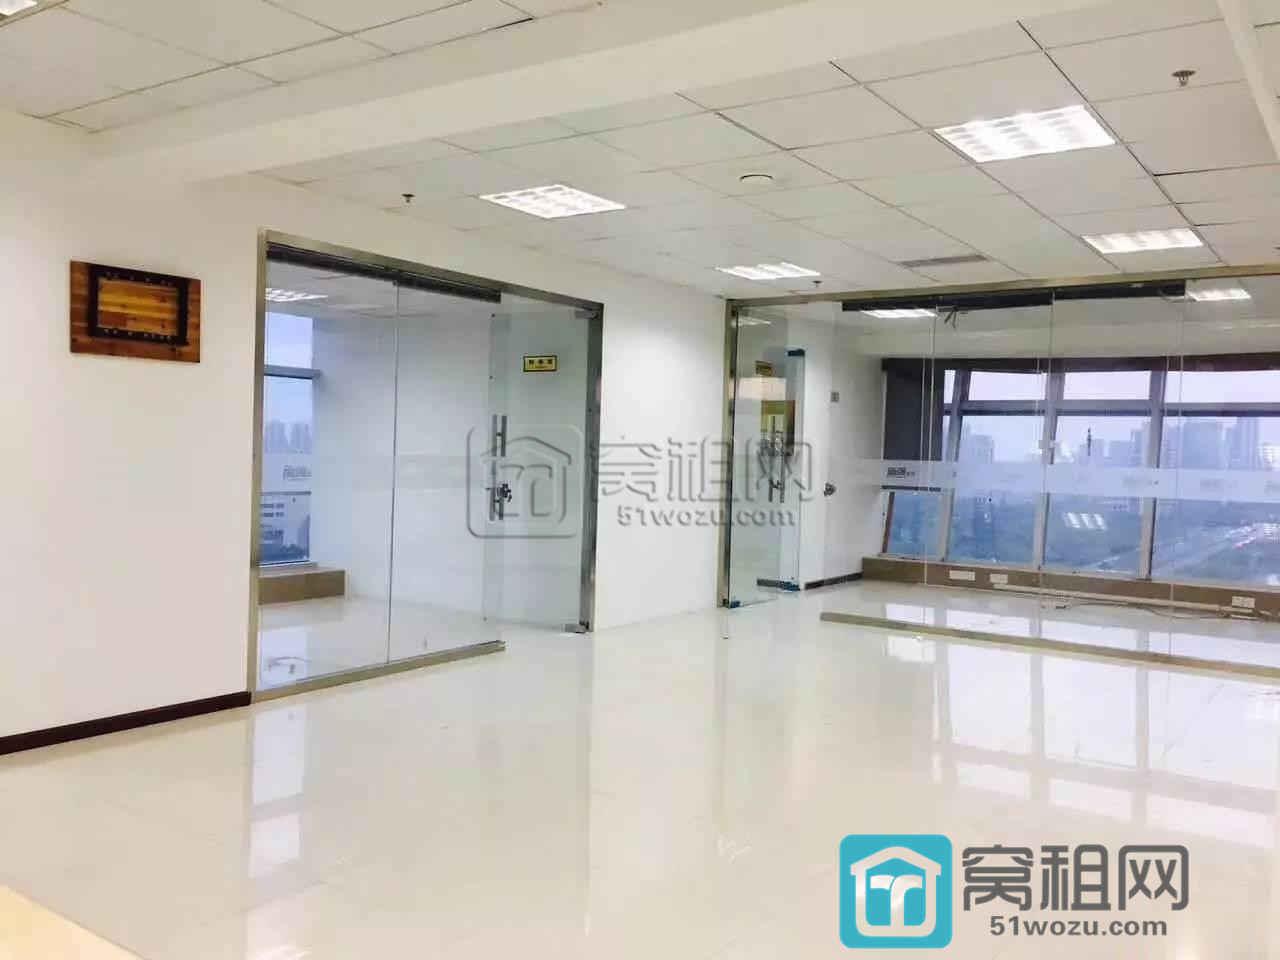 宁波世纪东方广场附近上东国际130平米办公室出租